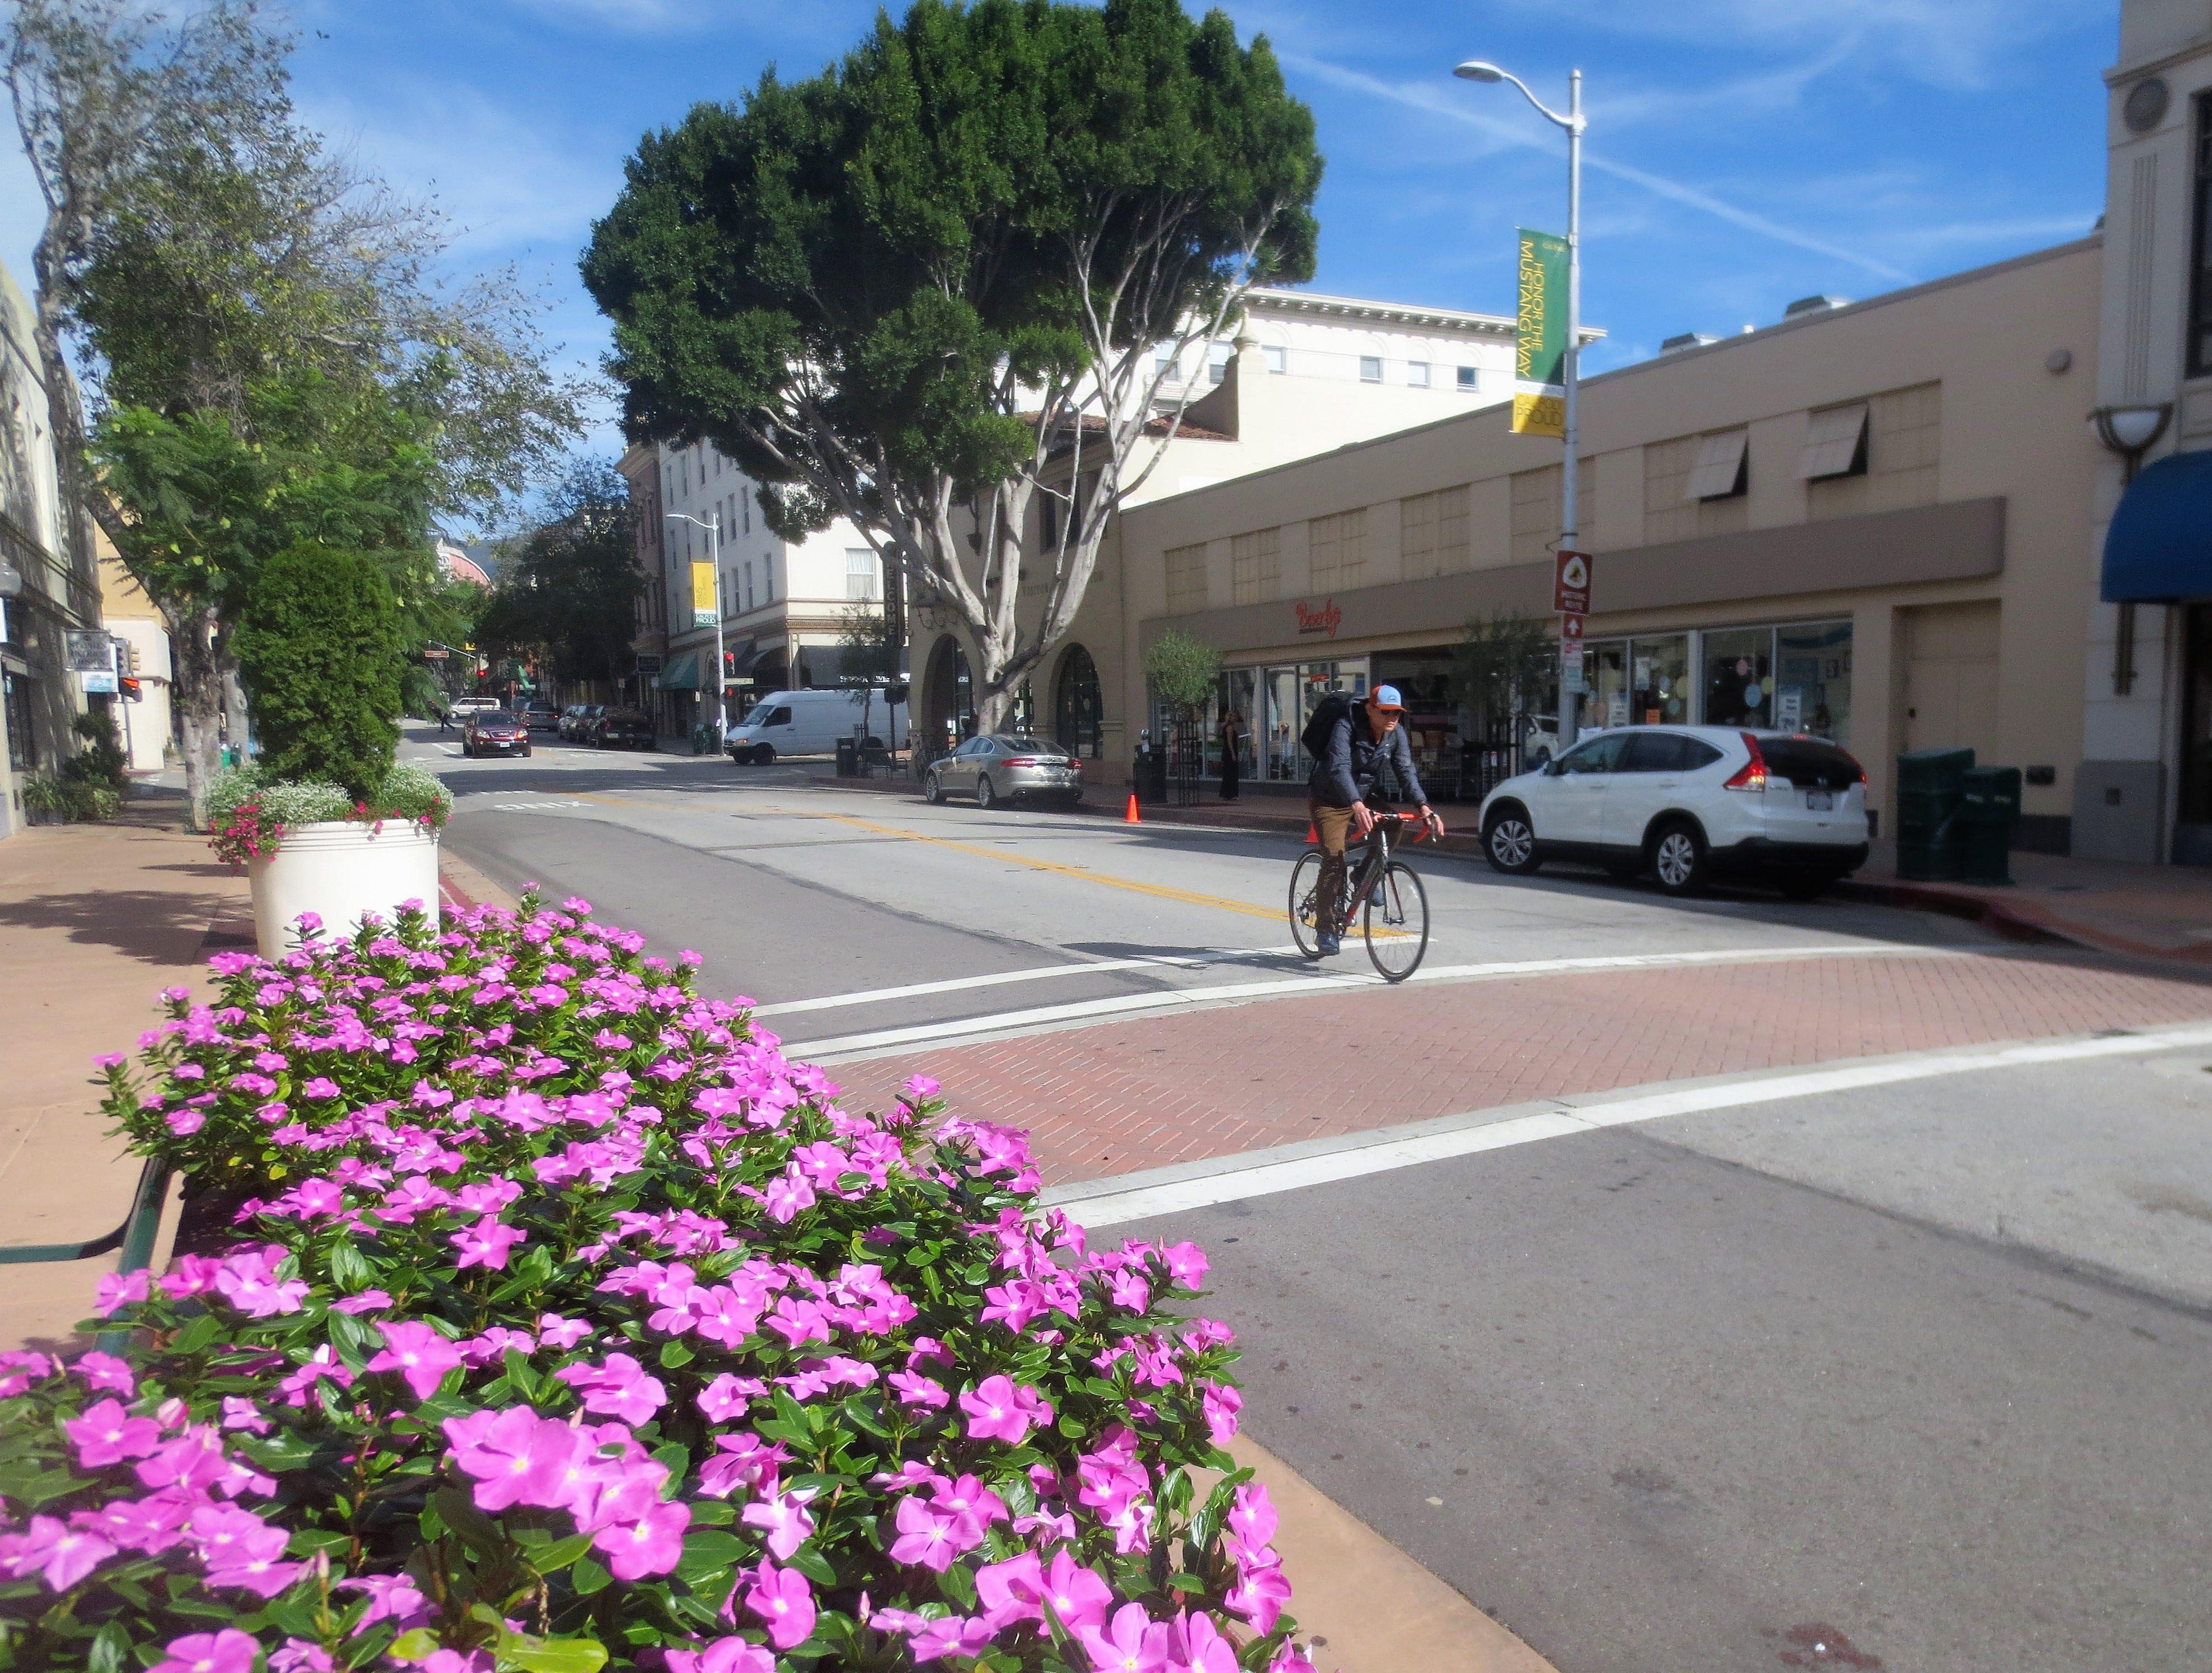 Downtown San Luis Obispo, California.